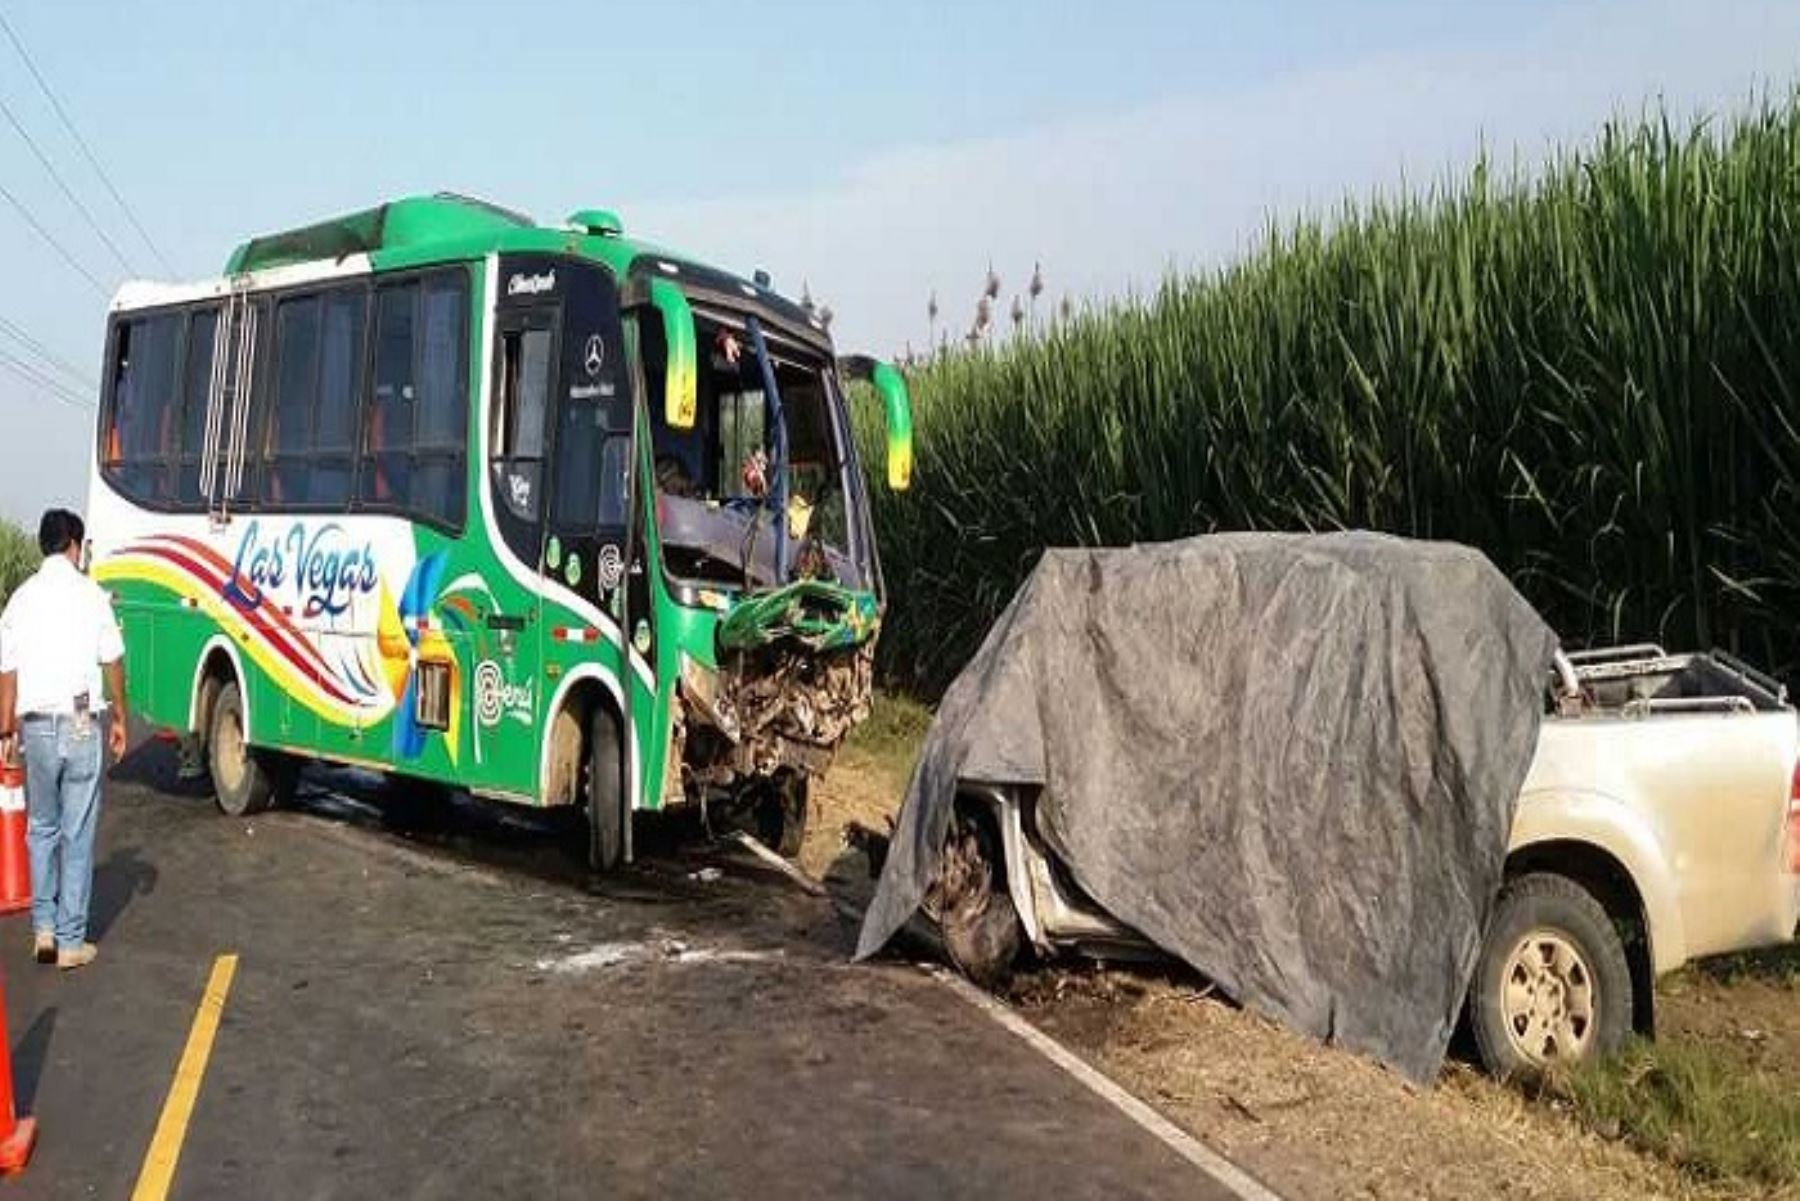 A la camioneta se le reventó una de las llantas, lo que provocó que el conductor perdiera el control del vehículo, invadiera el carril contrario y chocara con el ómnibus.